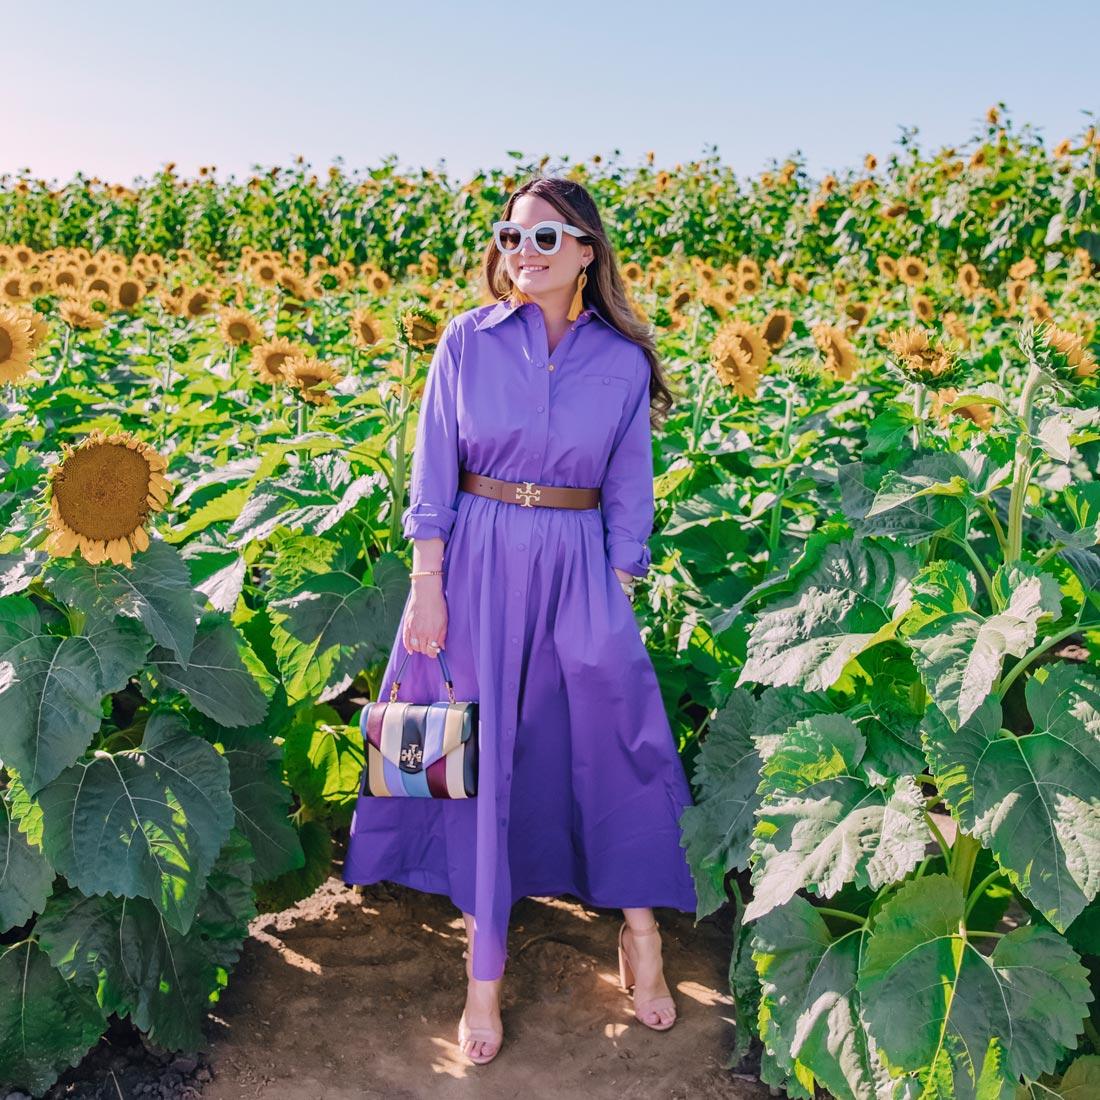 jennifer lake purple shirtdress